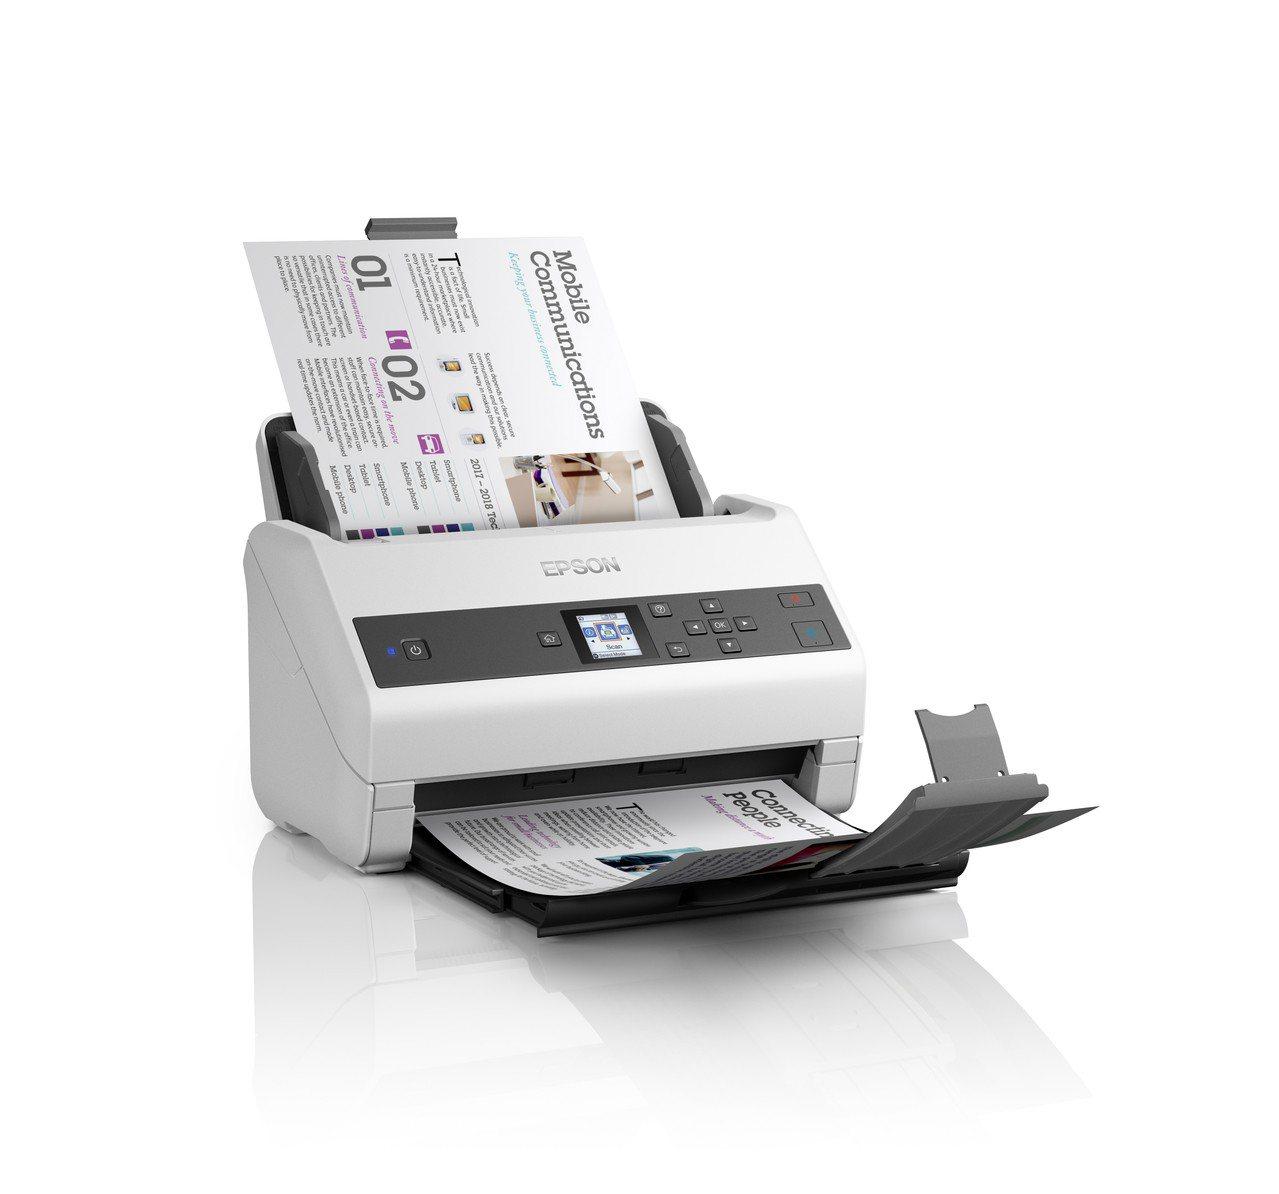 Epson全新高階商用文件饋紙式掃描器DS-870/DS-970,以「快速、泛用...